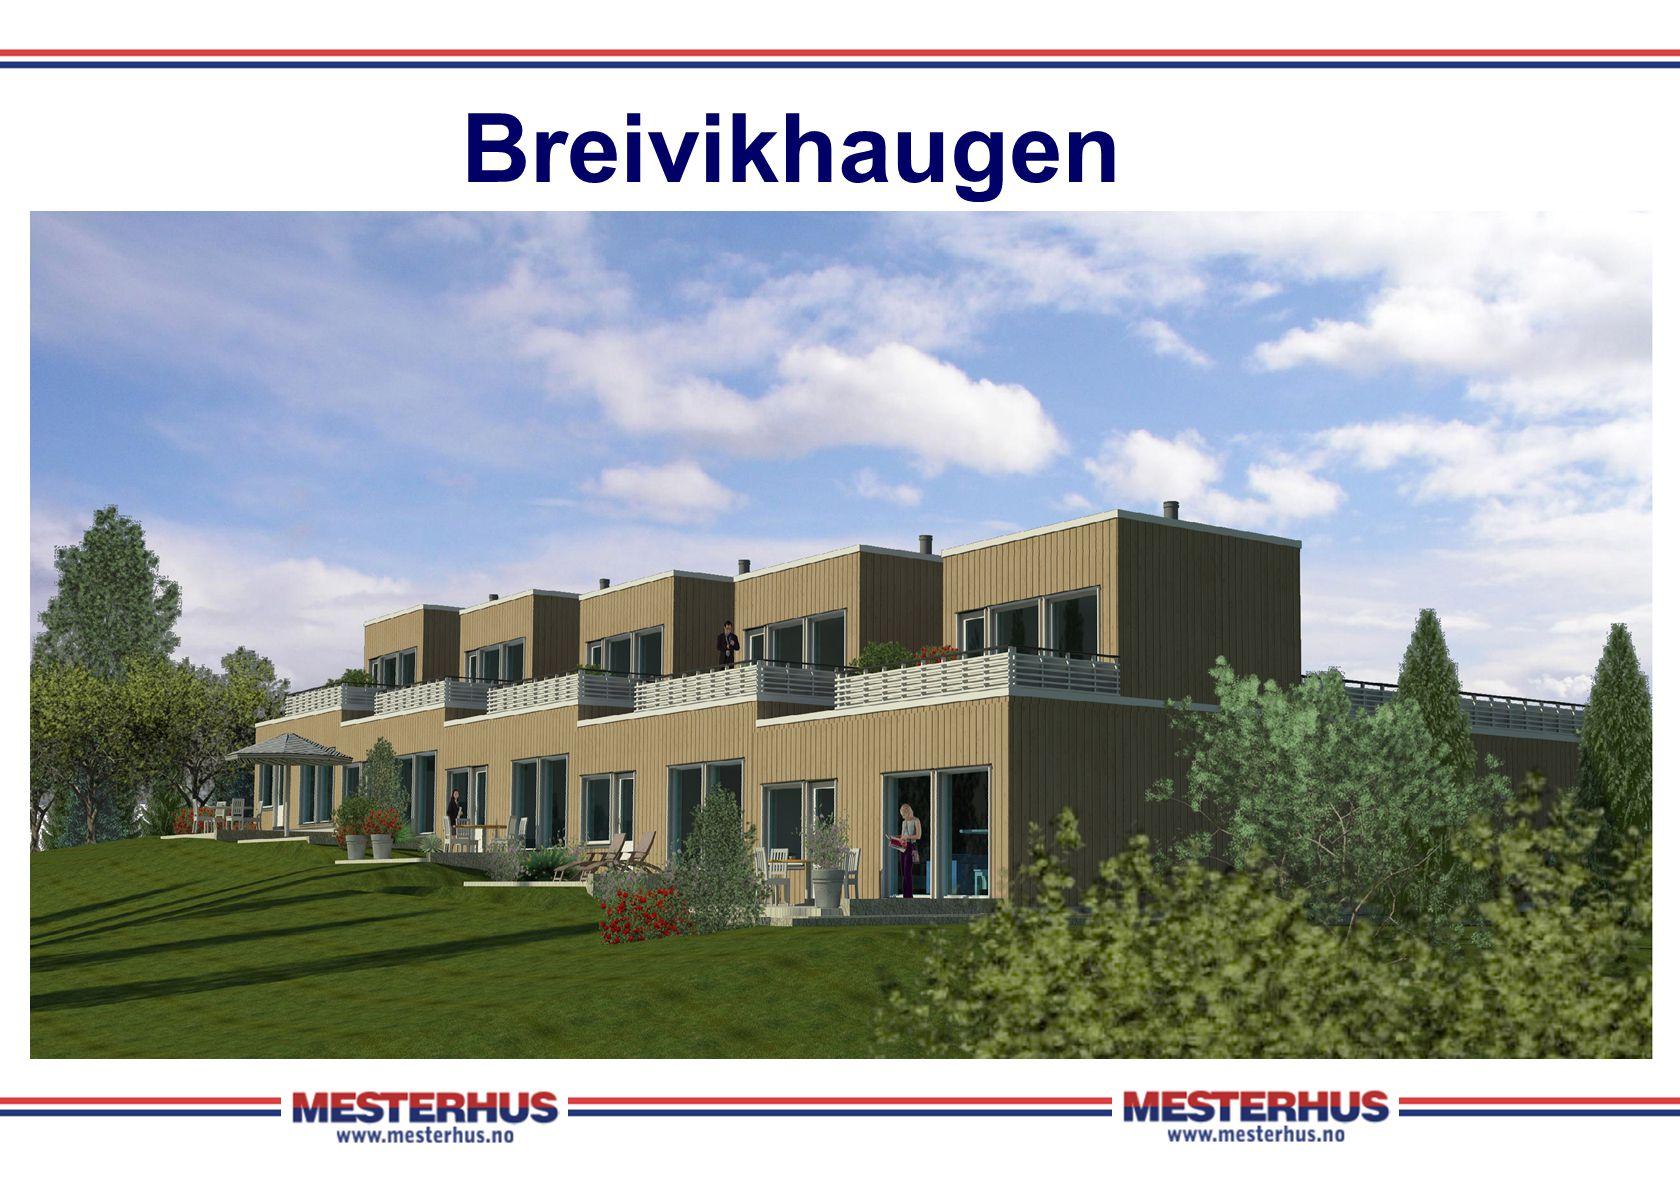 Breivikhaugen